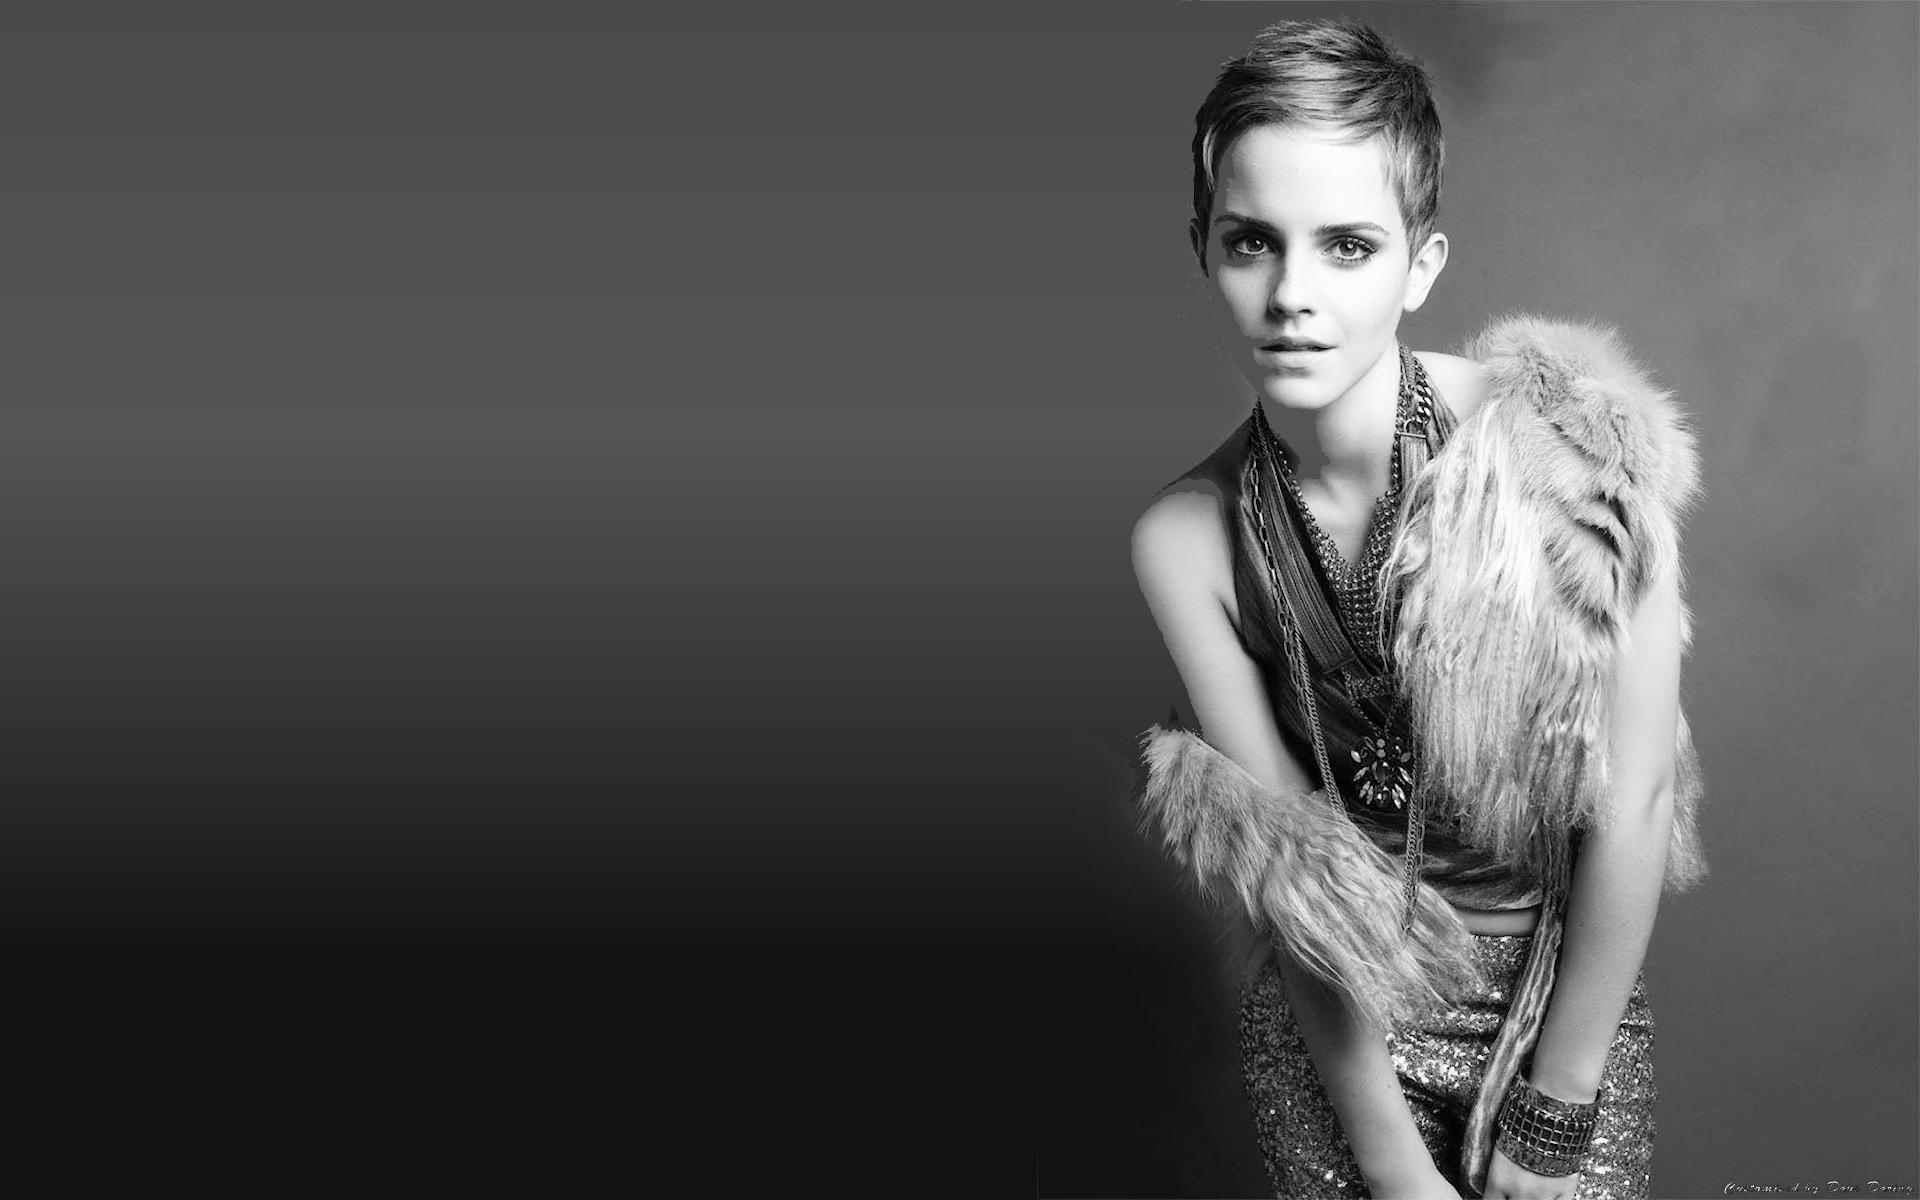 Emma Watson Wallpaper emma watson 17149273 1920 1200jpg 1920x1200